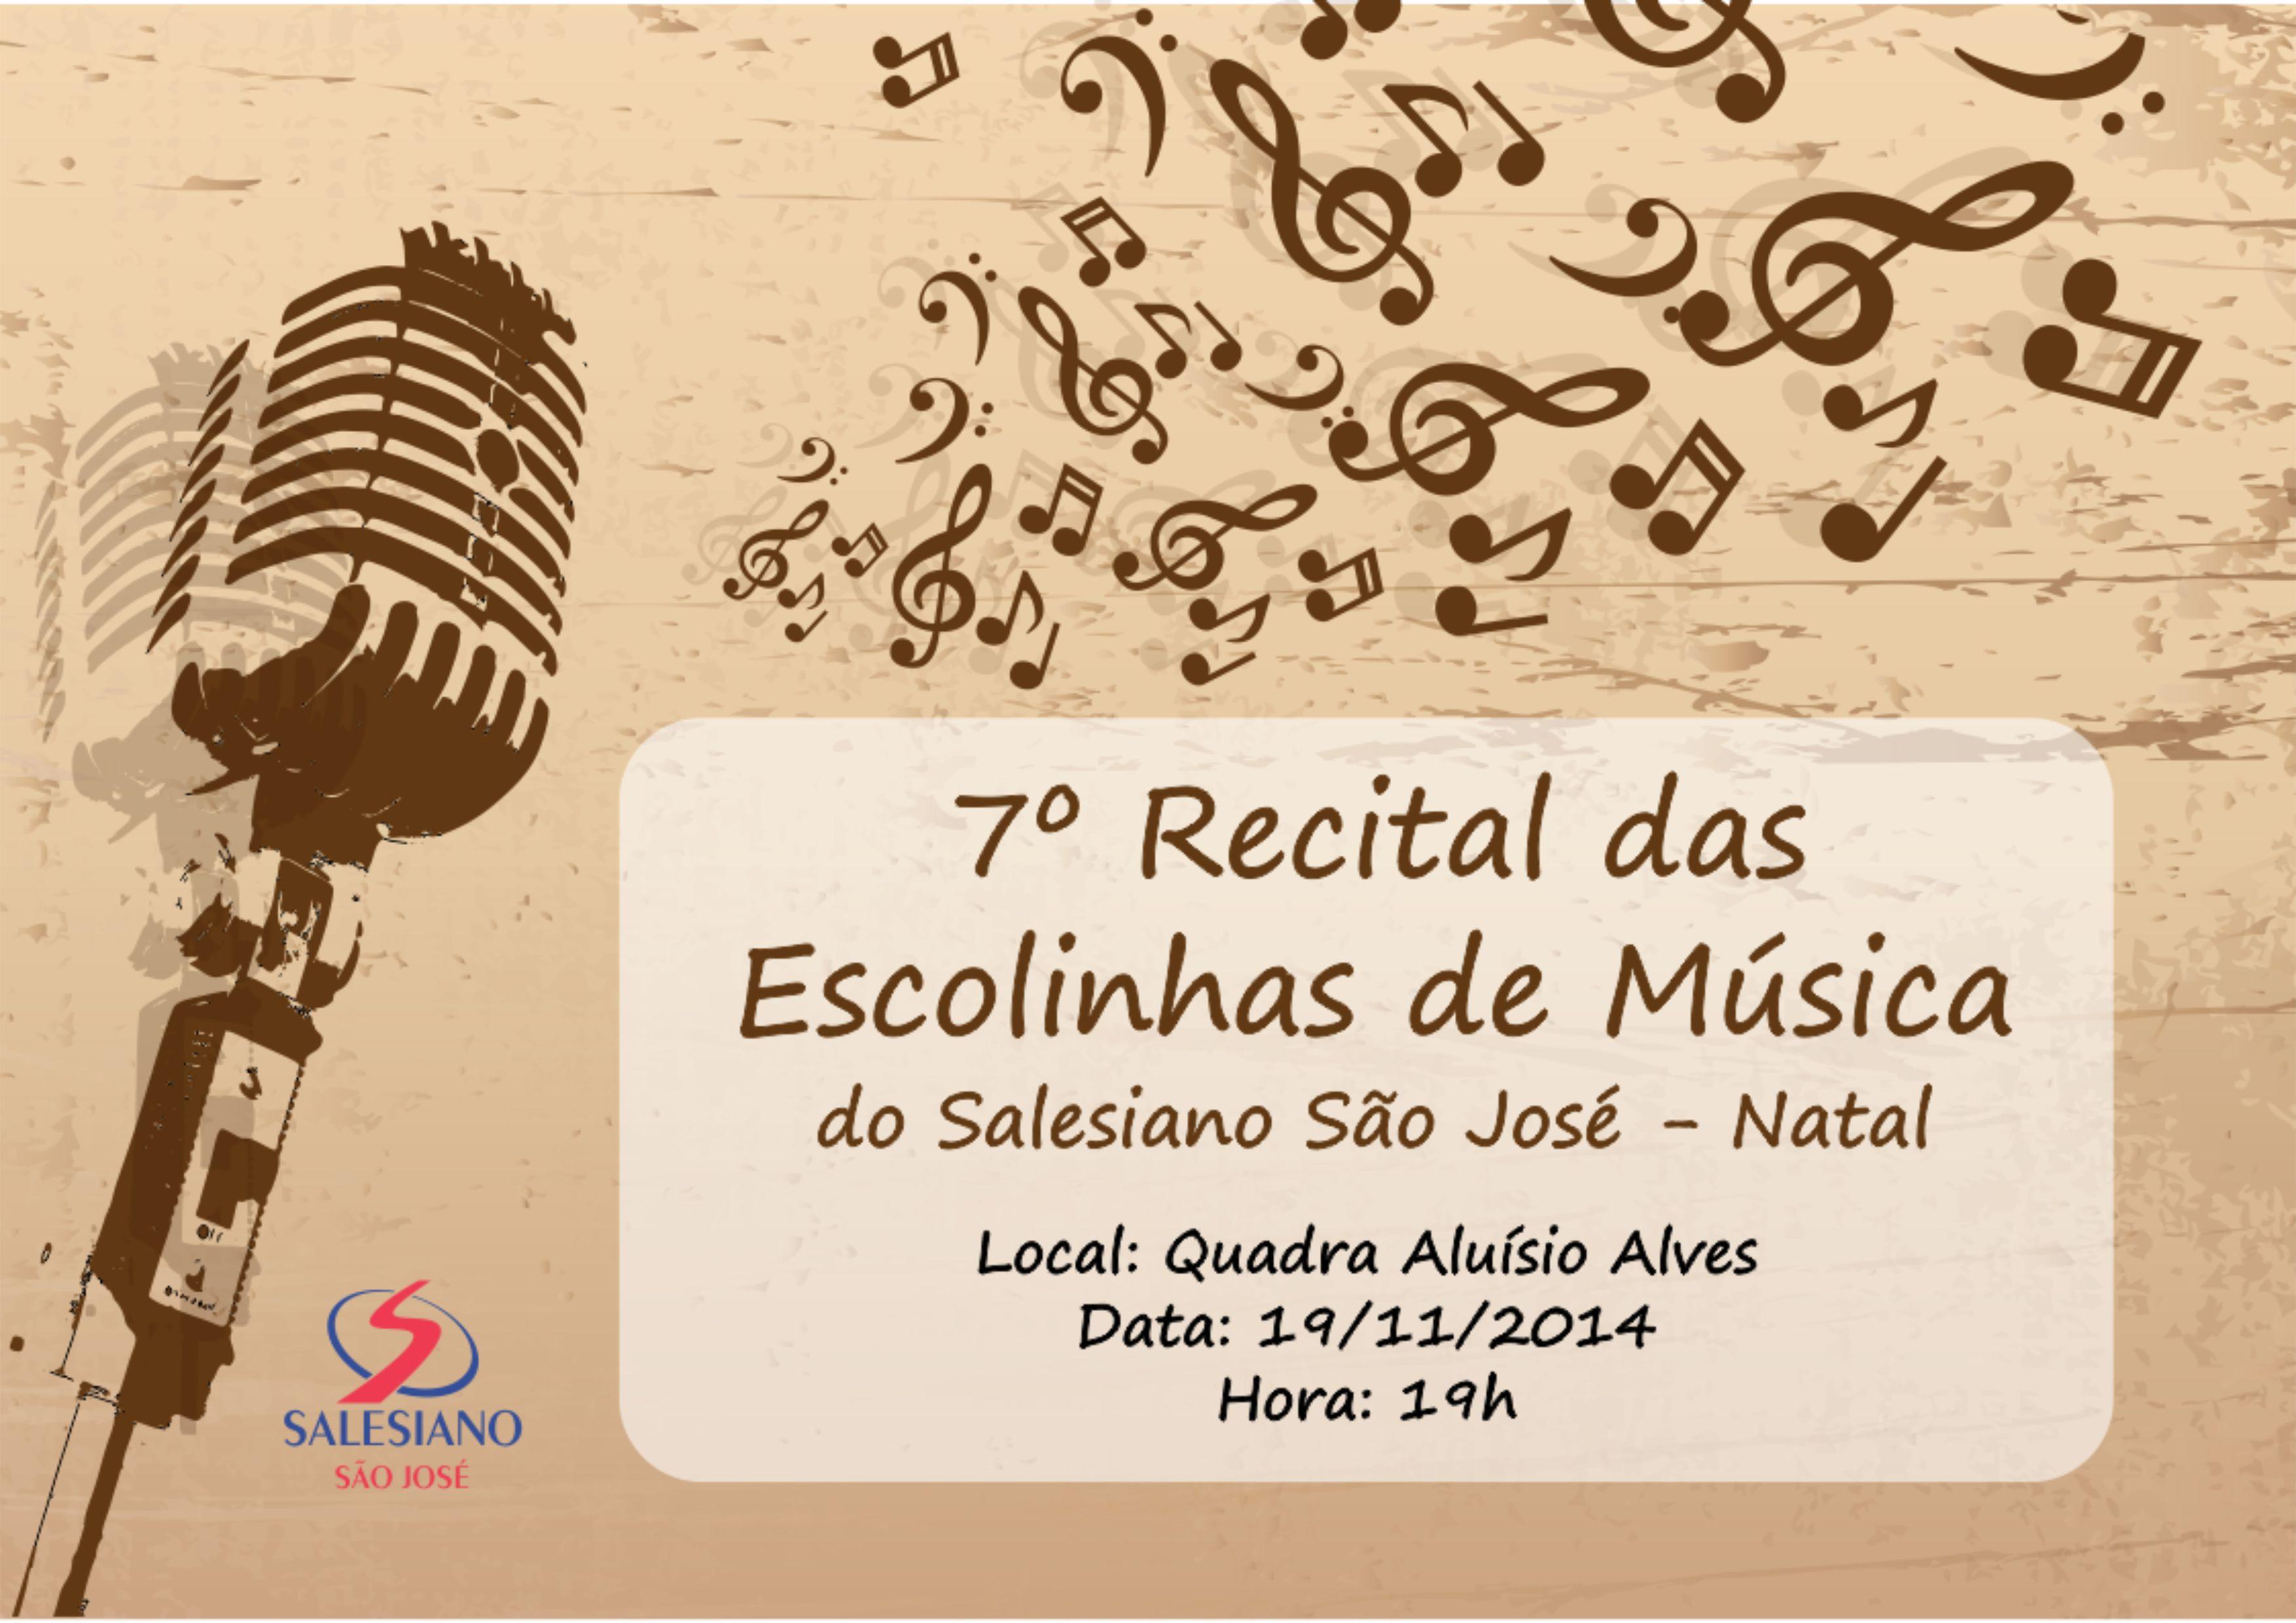 Recital_das_escolinhas_de_musica_1